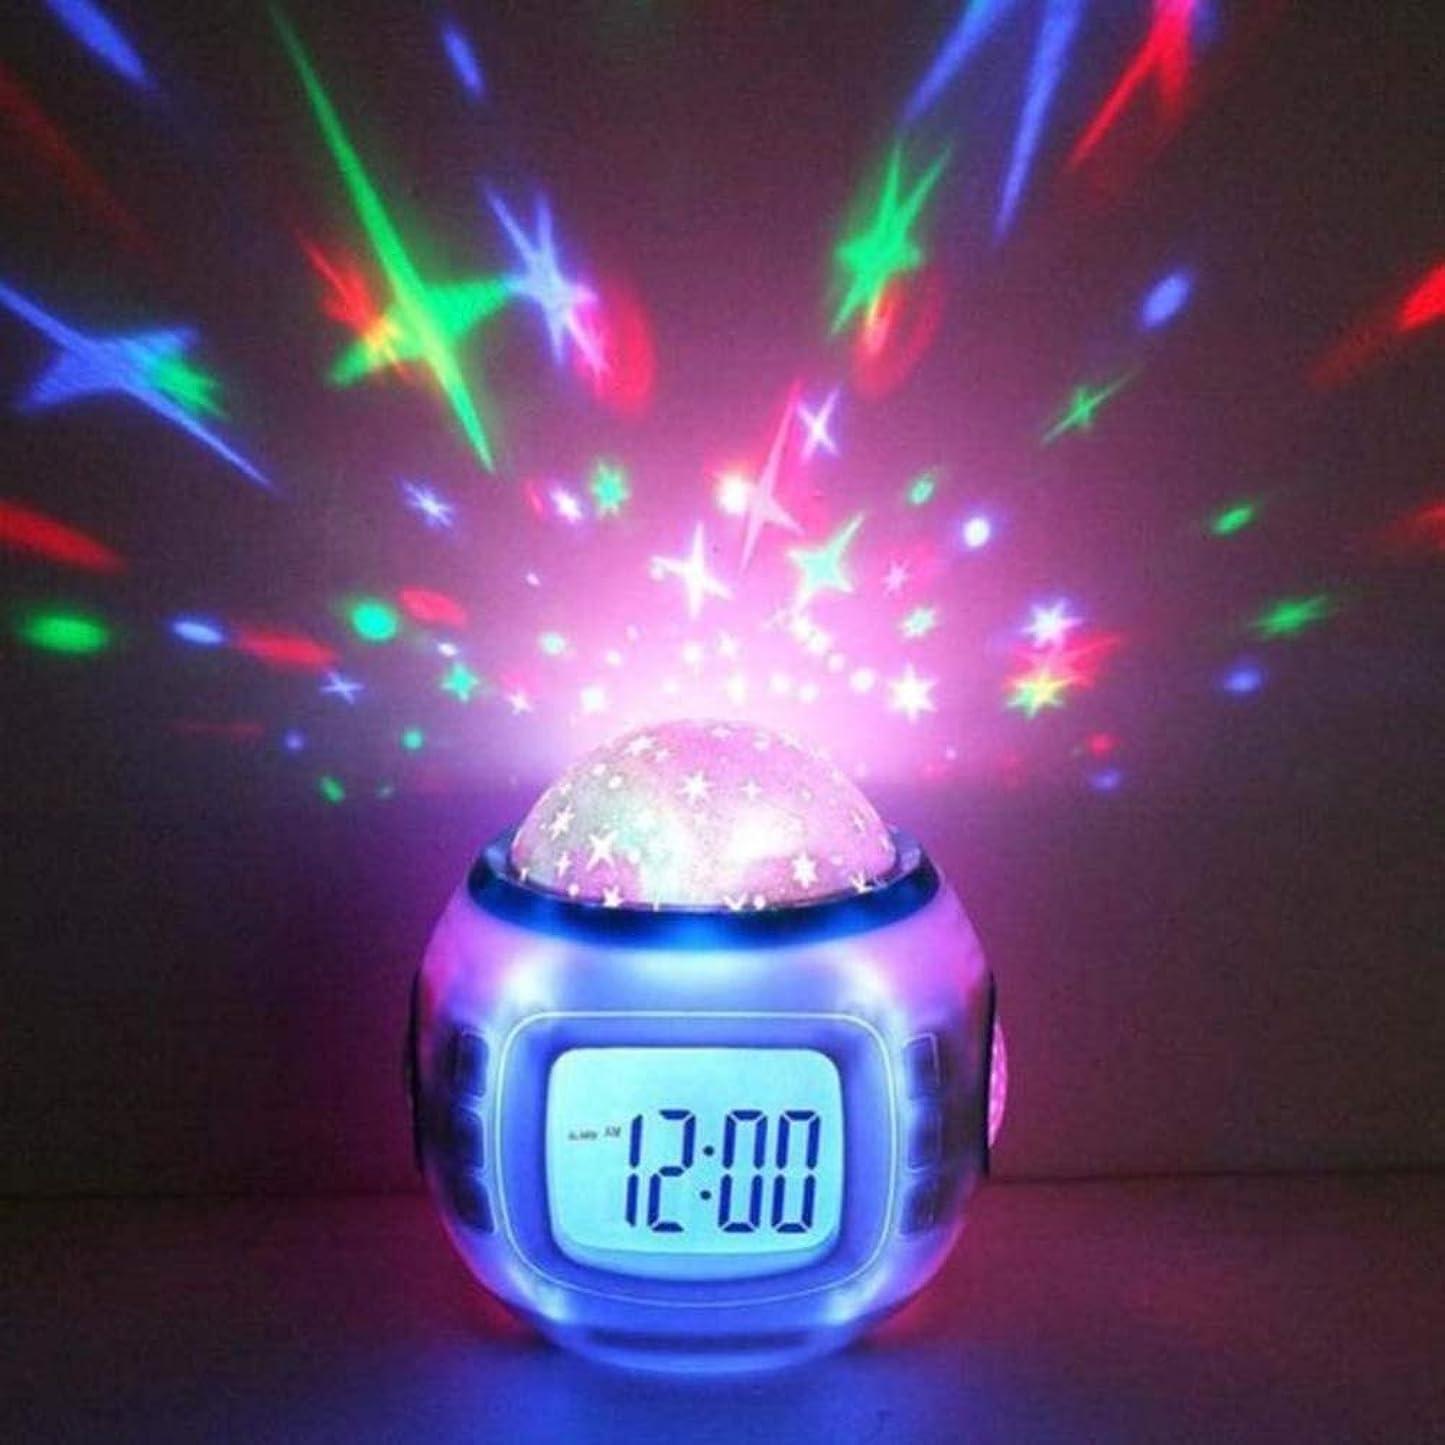 冒険マキシム変位子供ベビールームカレンダー温度計ナイトライトプロジェクター用C-清LEDデジタル音楽目覚まし時計スヌーズ星空スター輝く目覚まし時計